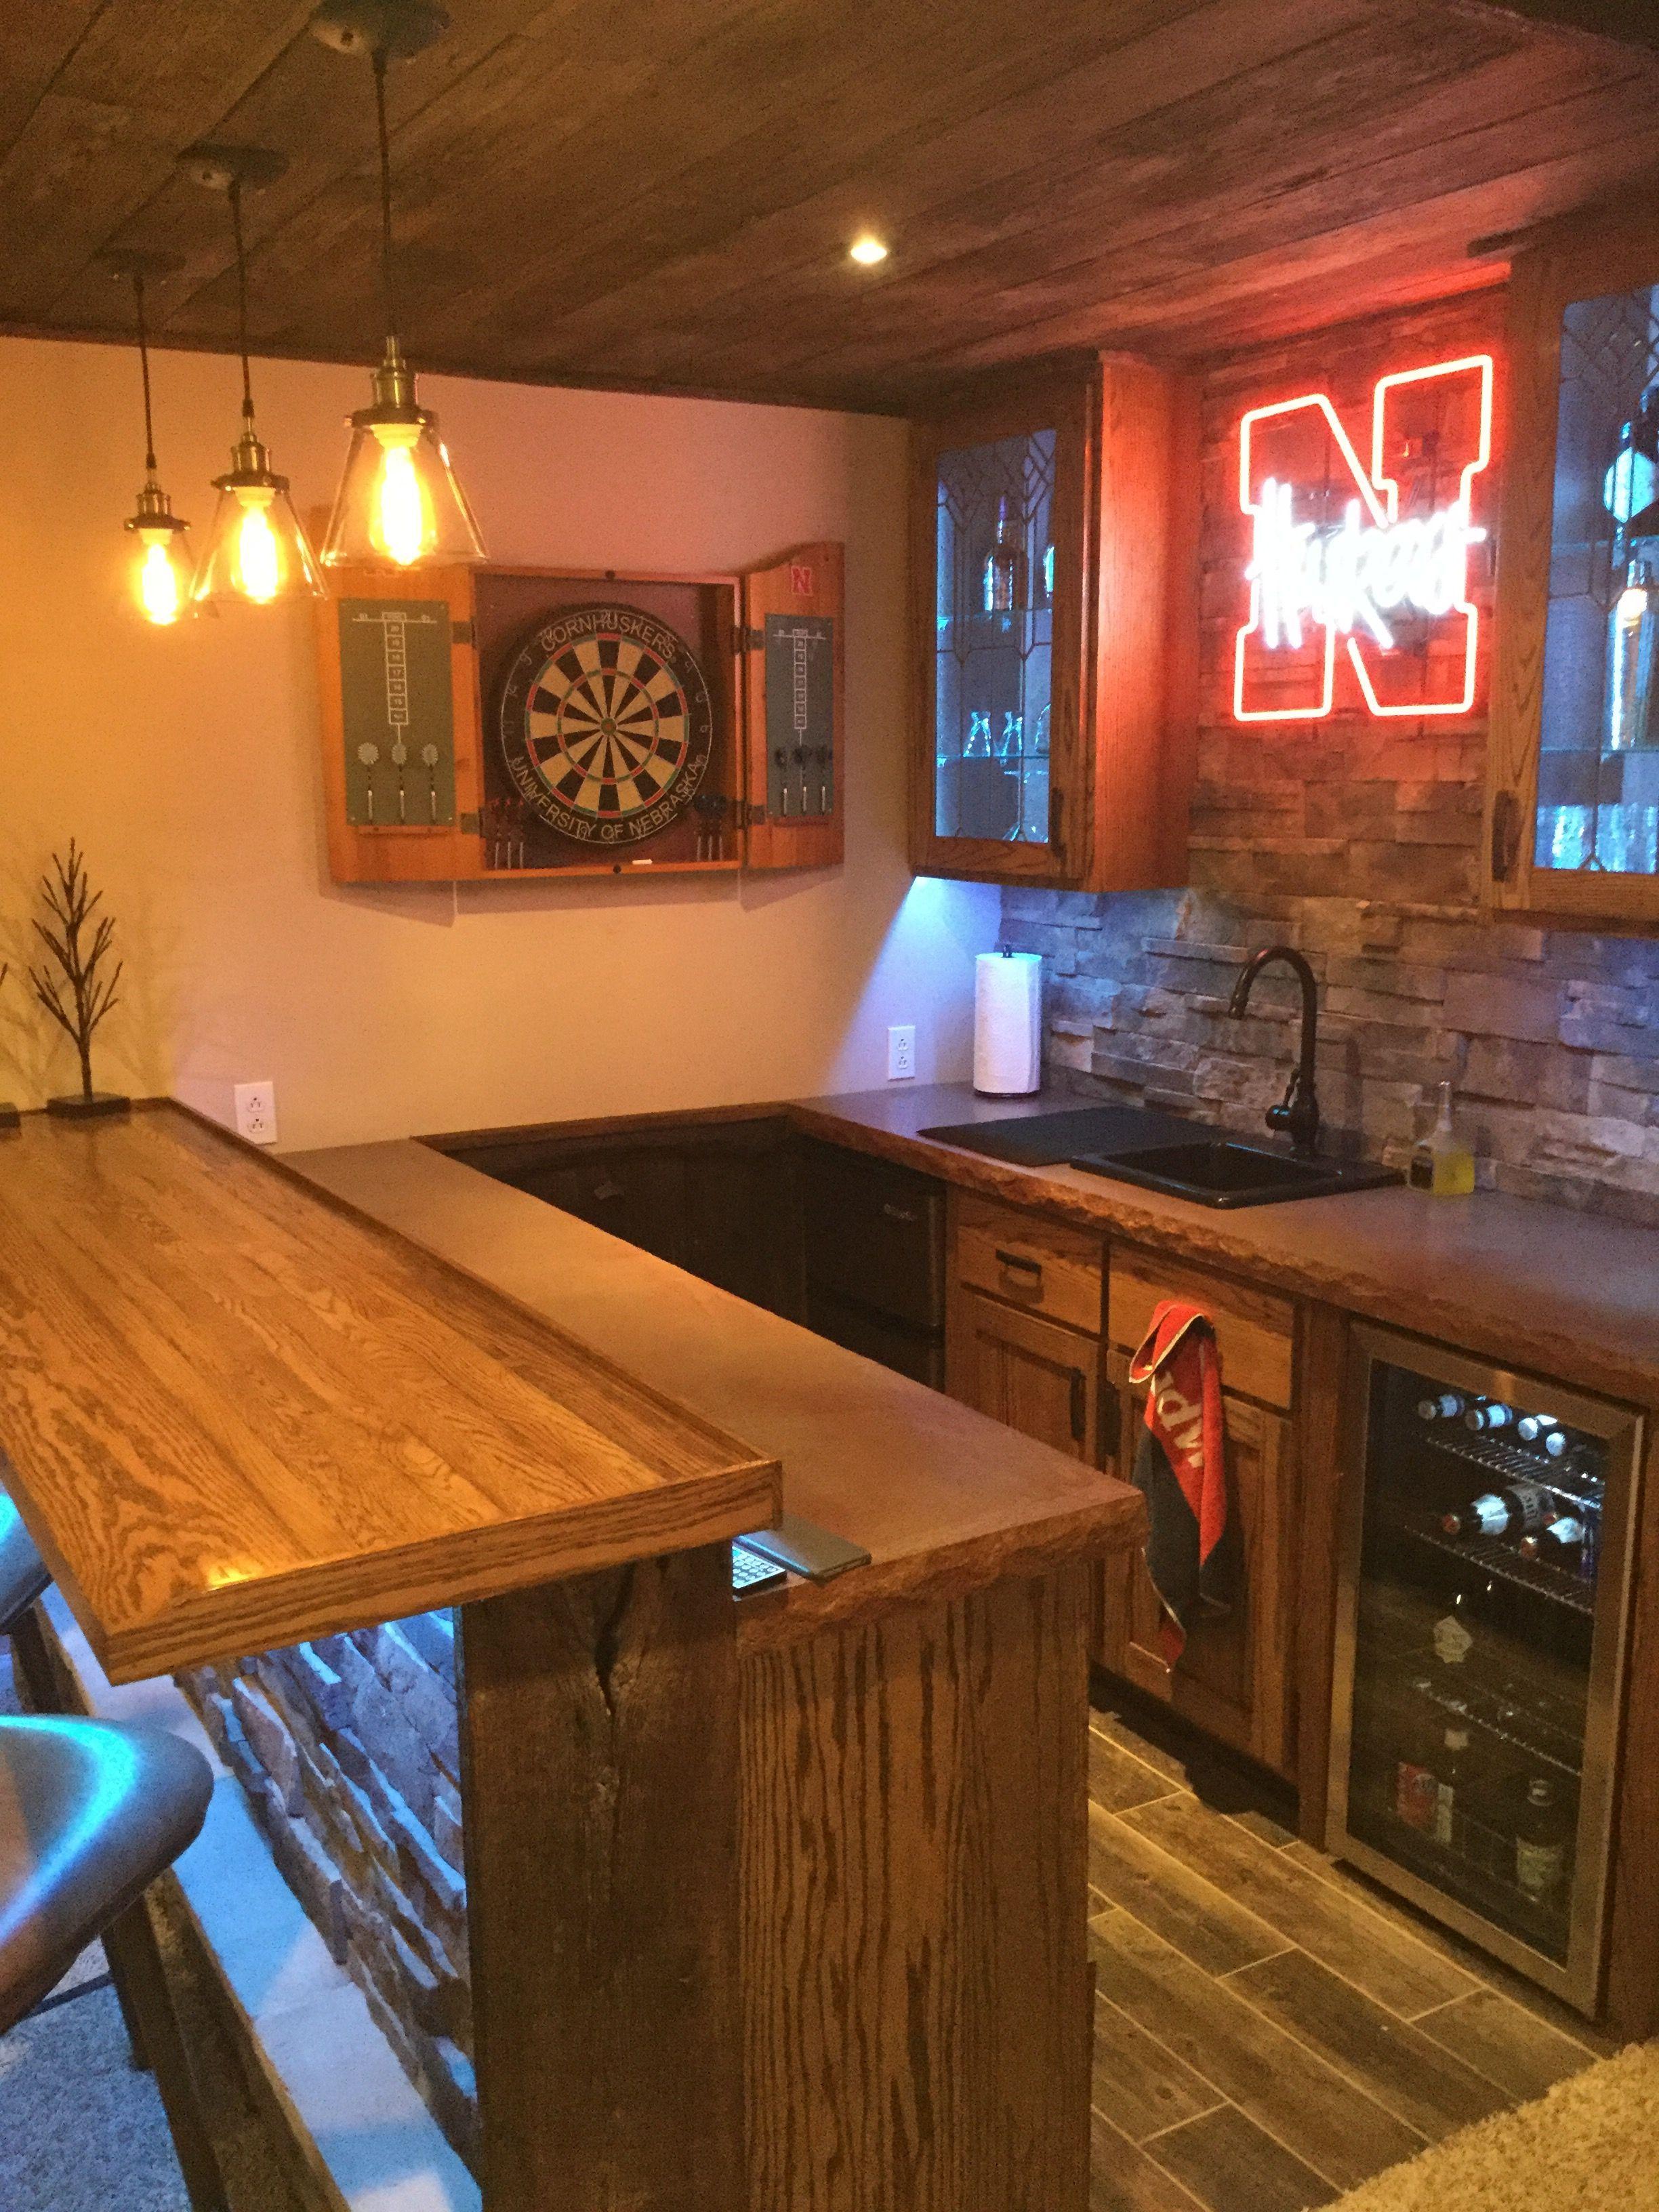 Basement Bar Ideas #basementbar #basement #bar #barideas #caveman